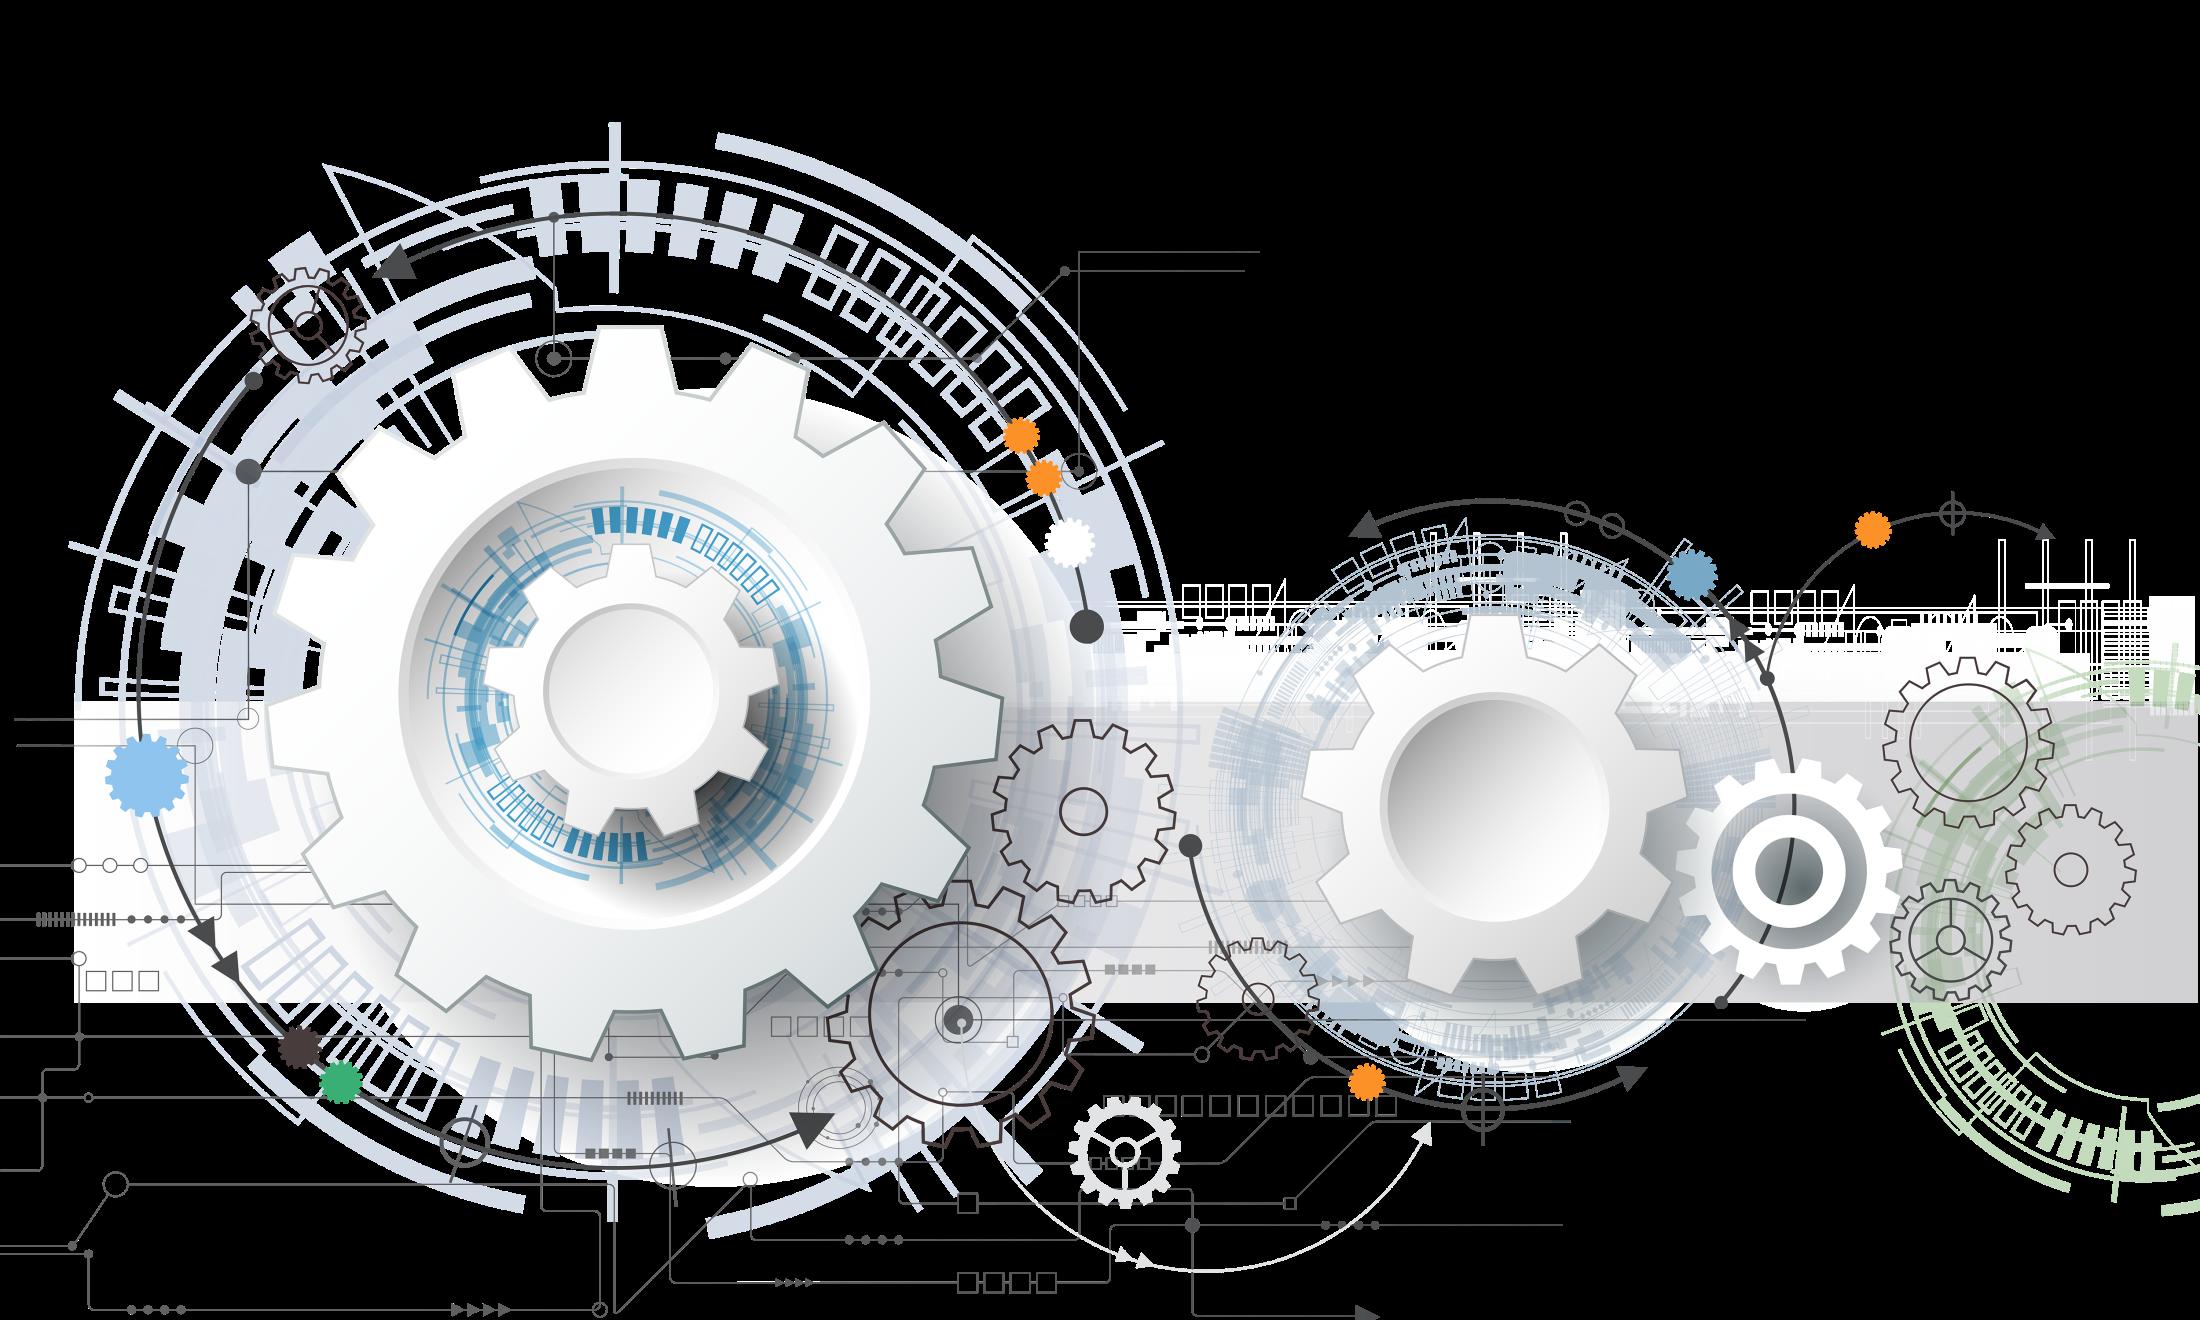 คณะวิศวกรรมศาสตร์และเทคโนโลยีอุตสาหกรรม